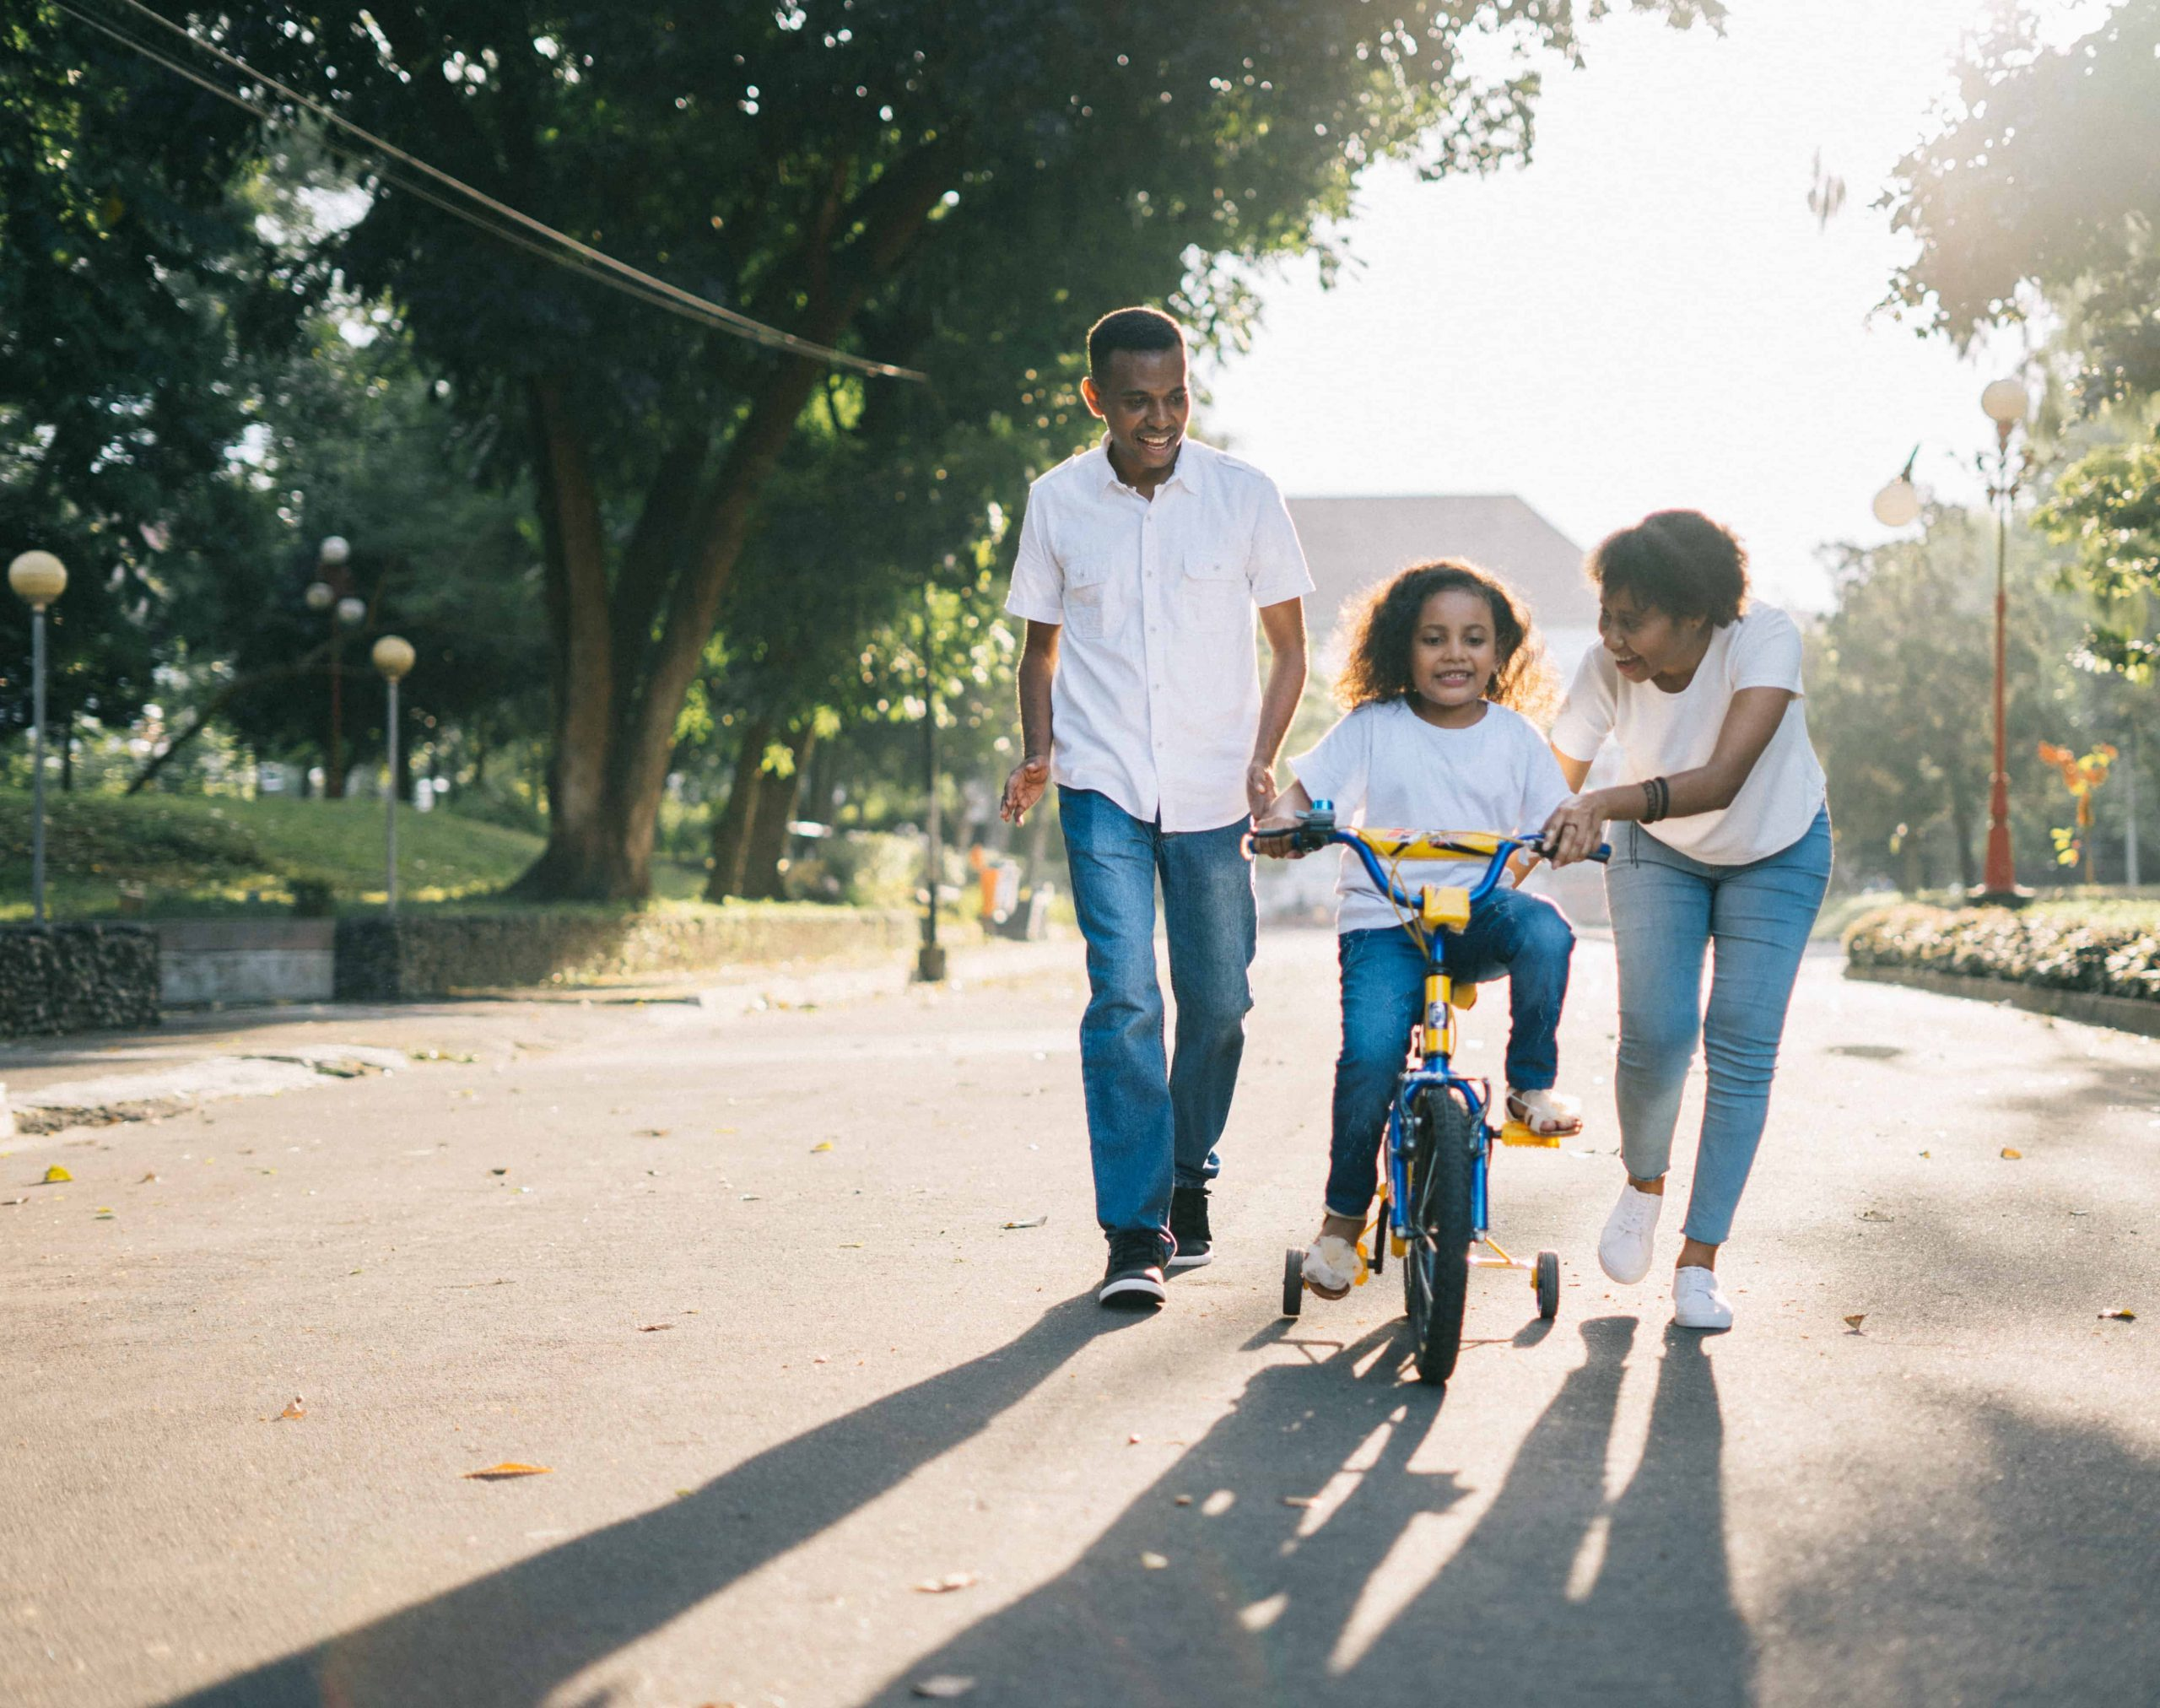 Bicicleta infantil: Quais são as melhores de 2021?